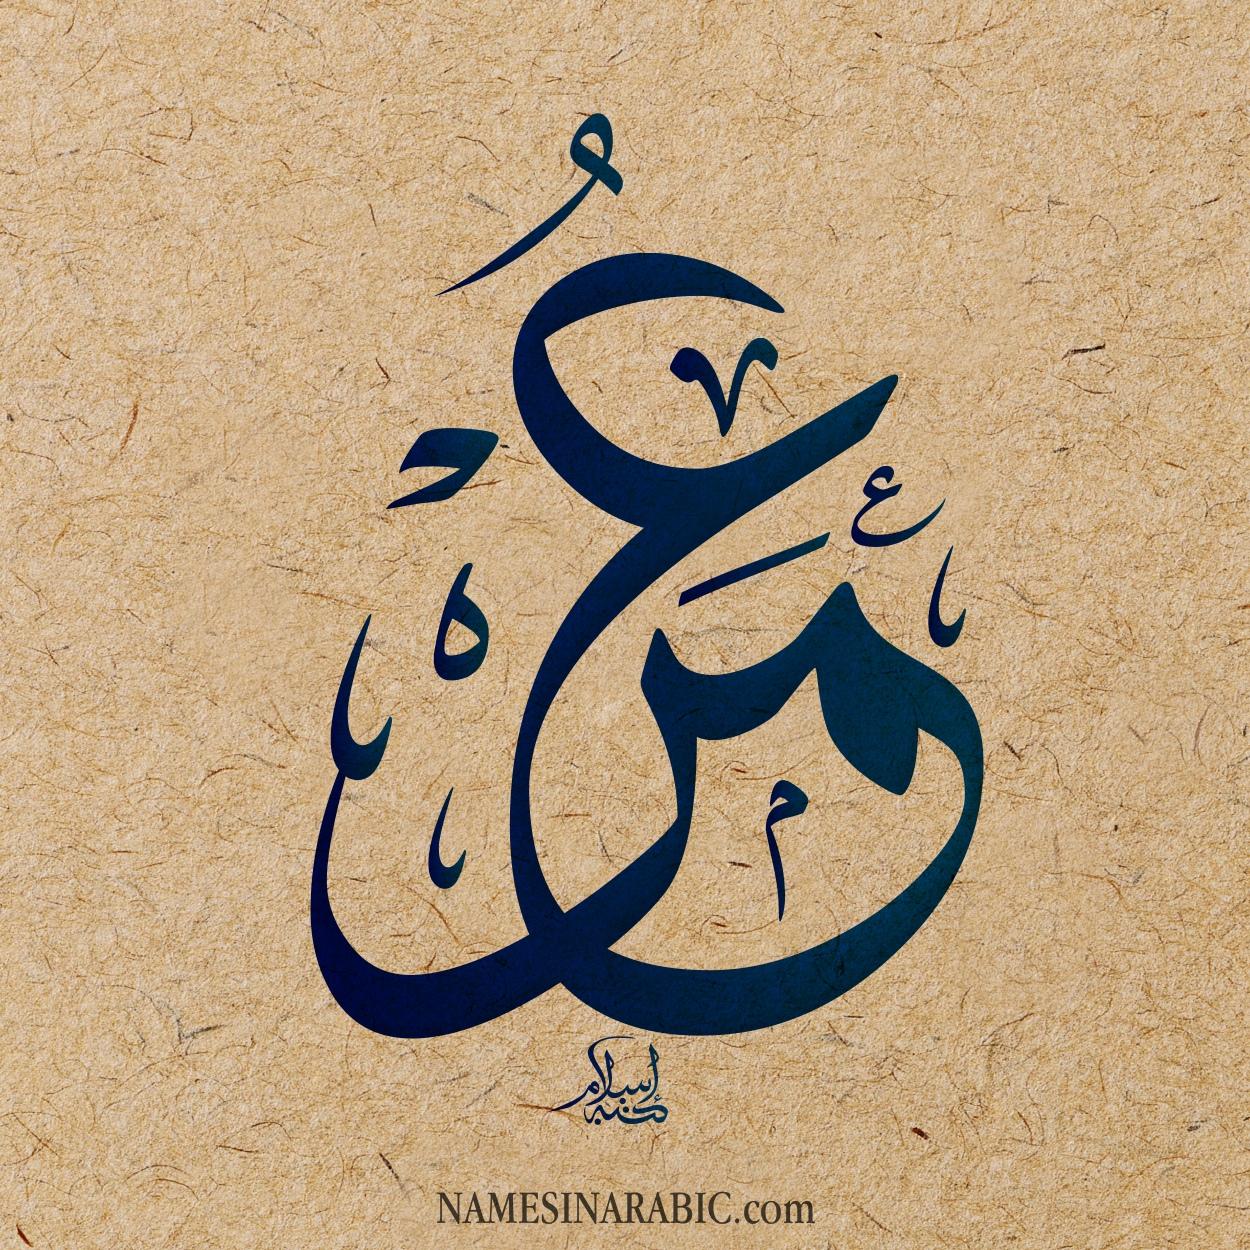 صورة معنى اسم عمر,اسماء ومعانى